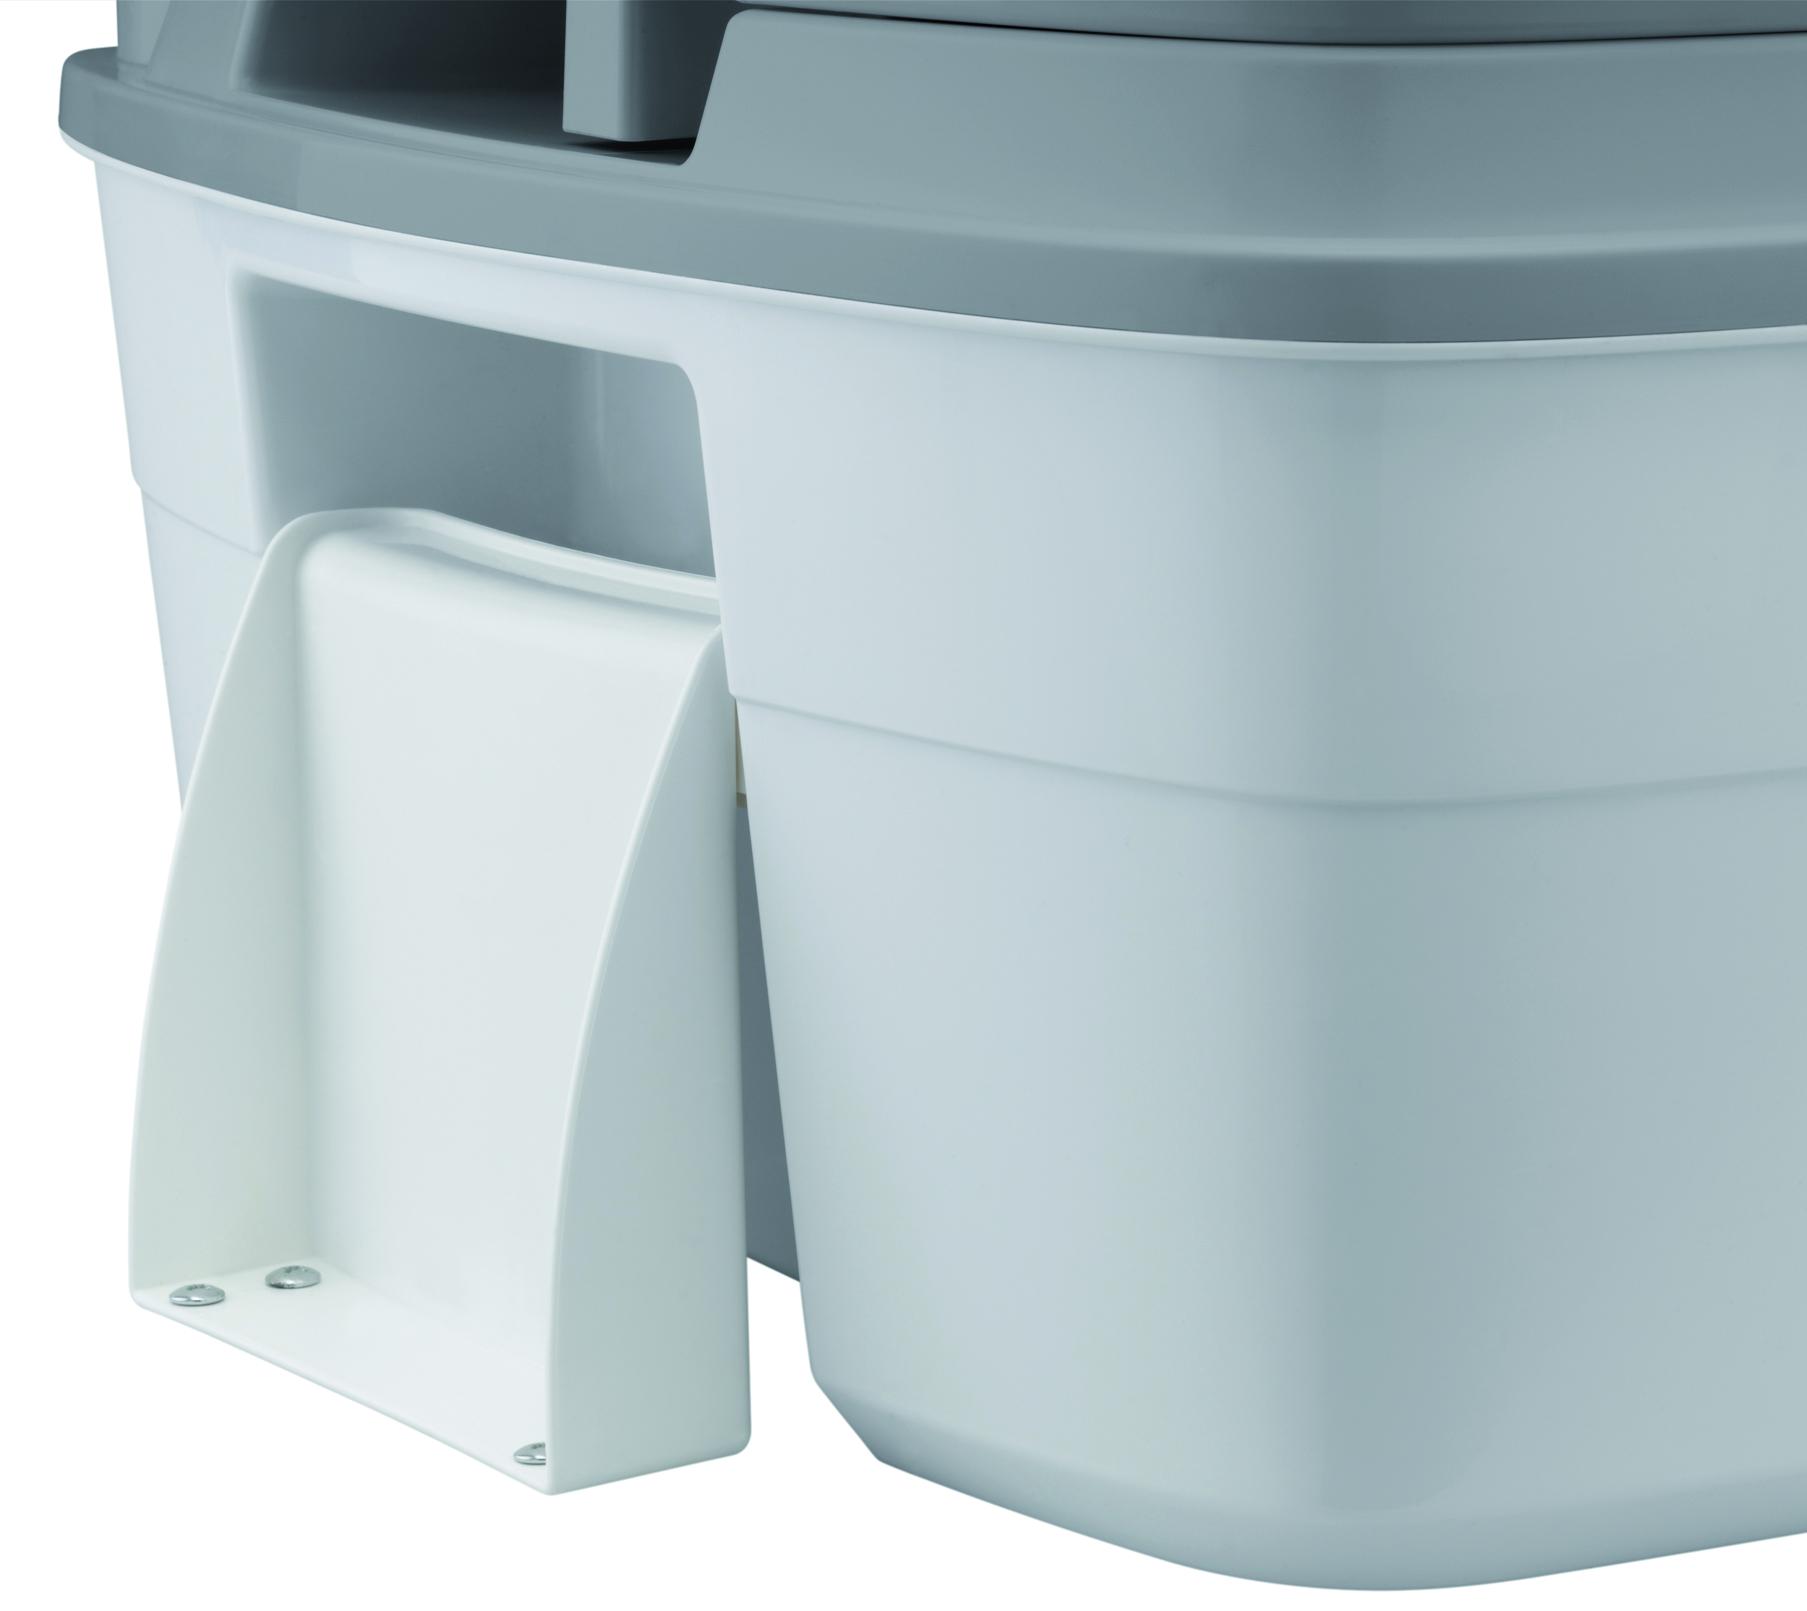 porta potti 365 qube tragbare toiletten. Black Bedroom Furniture Sets. Home Design Ideas